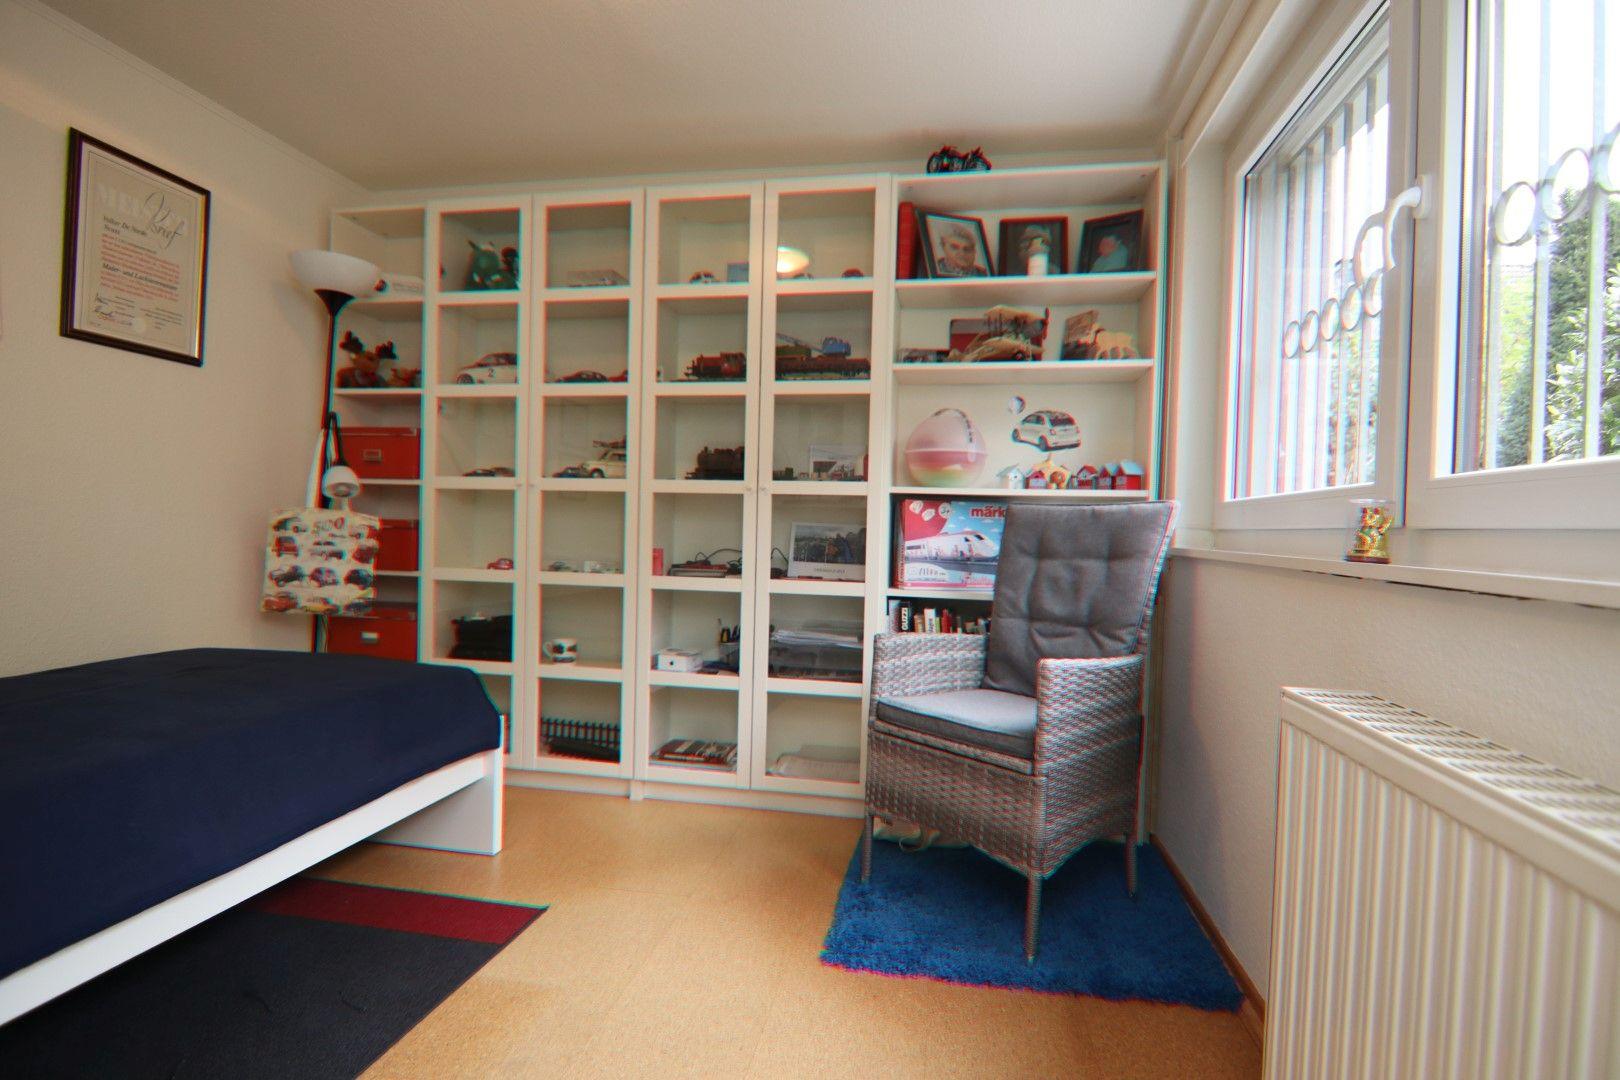 Immobilie Nr.0281 - Freistehendes EFH mit Vollkeller, Wintergarten u. Garage  - Bild 17.jpg